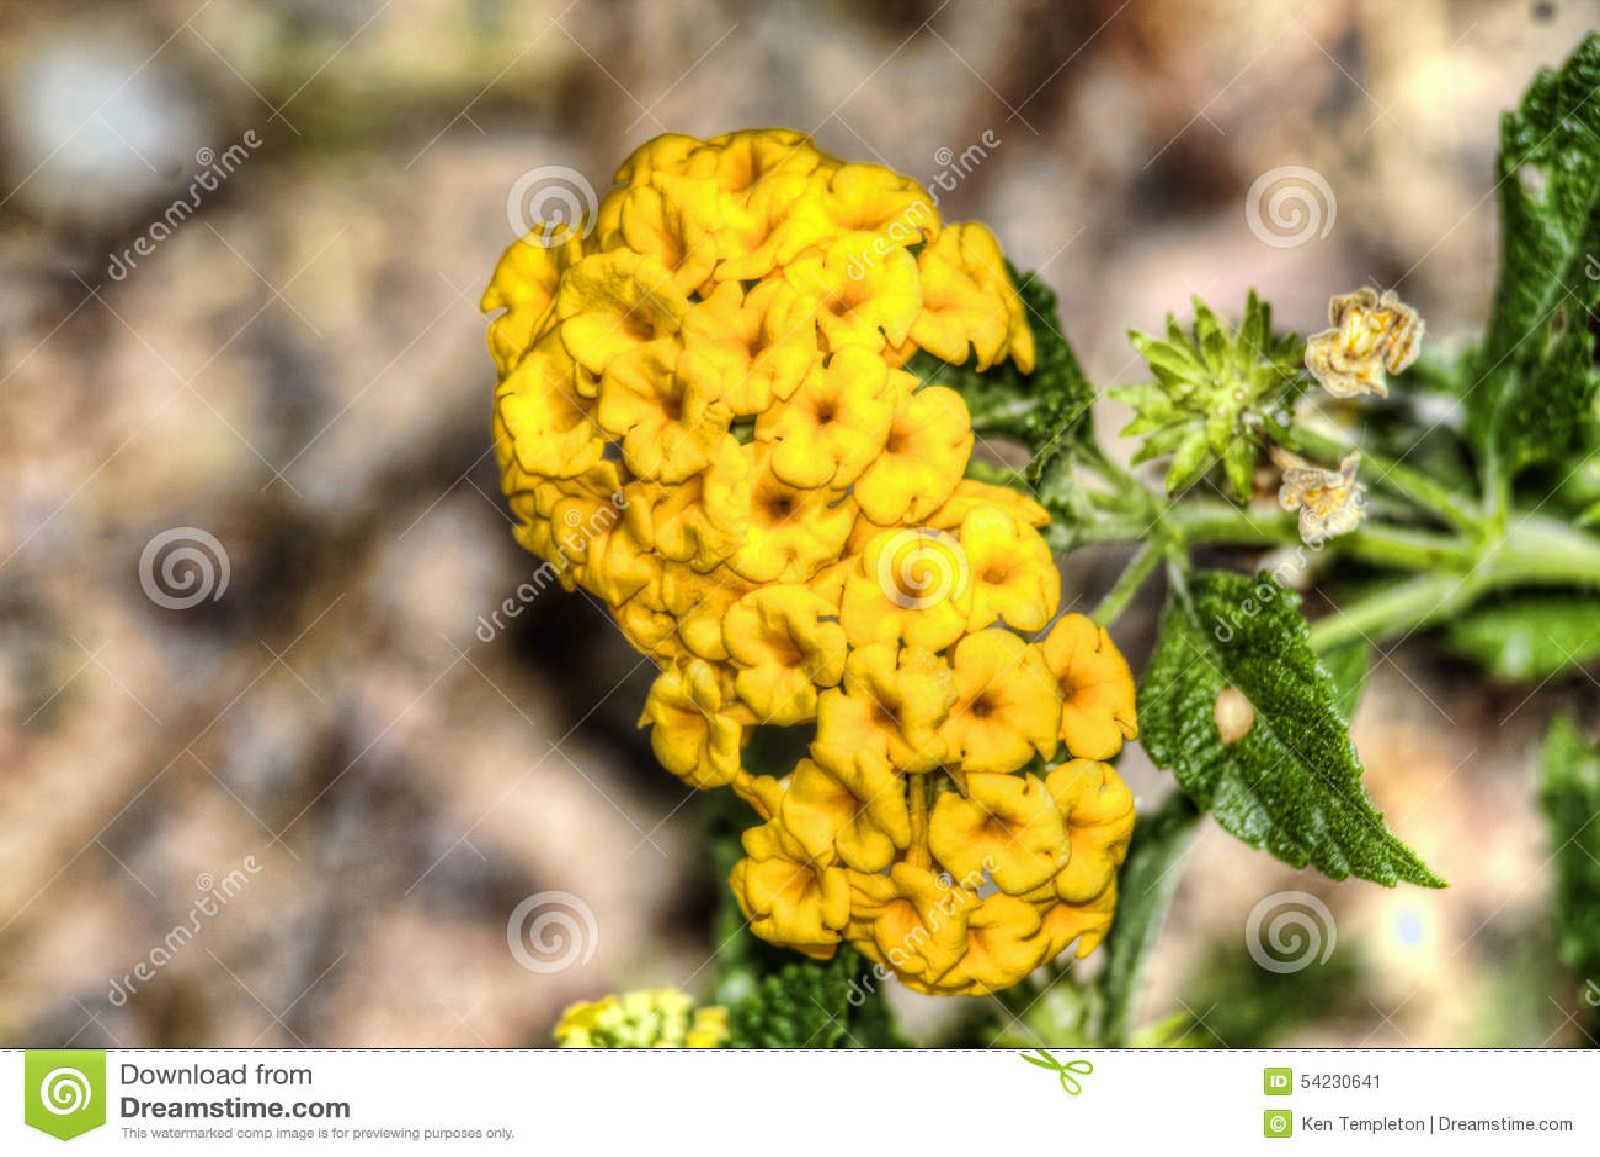 desert flowers stock photo image 54230641